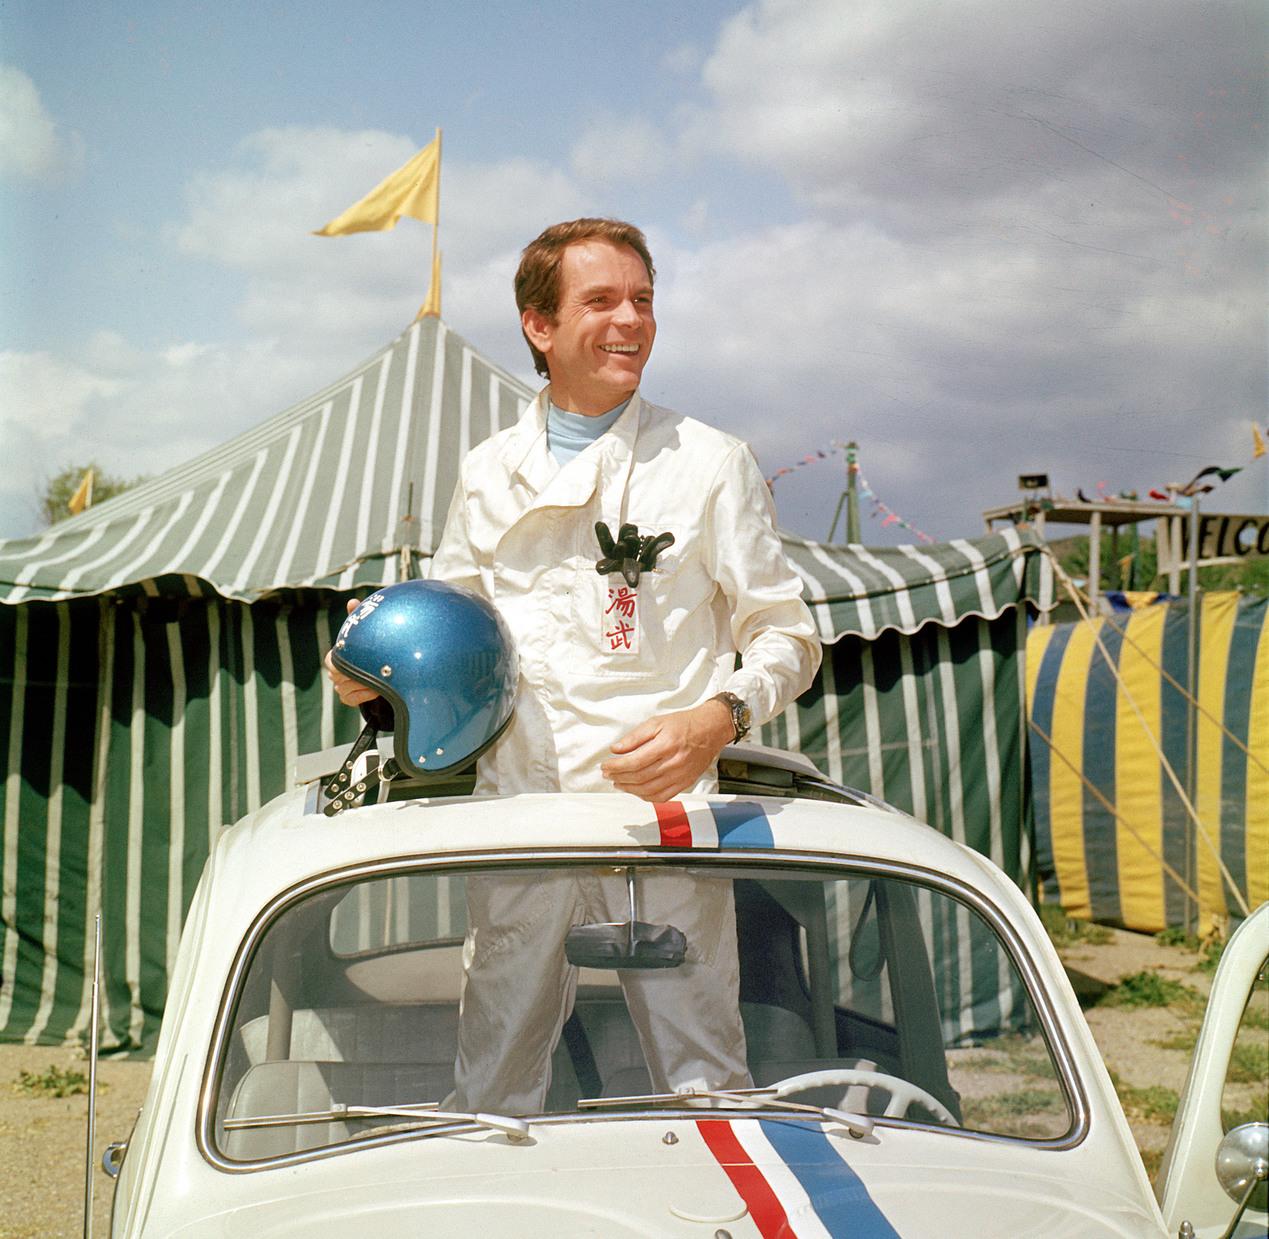 Dean Jones az A kicsi kocsi kalandjai című filmben. (Fotó: Rex Features)